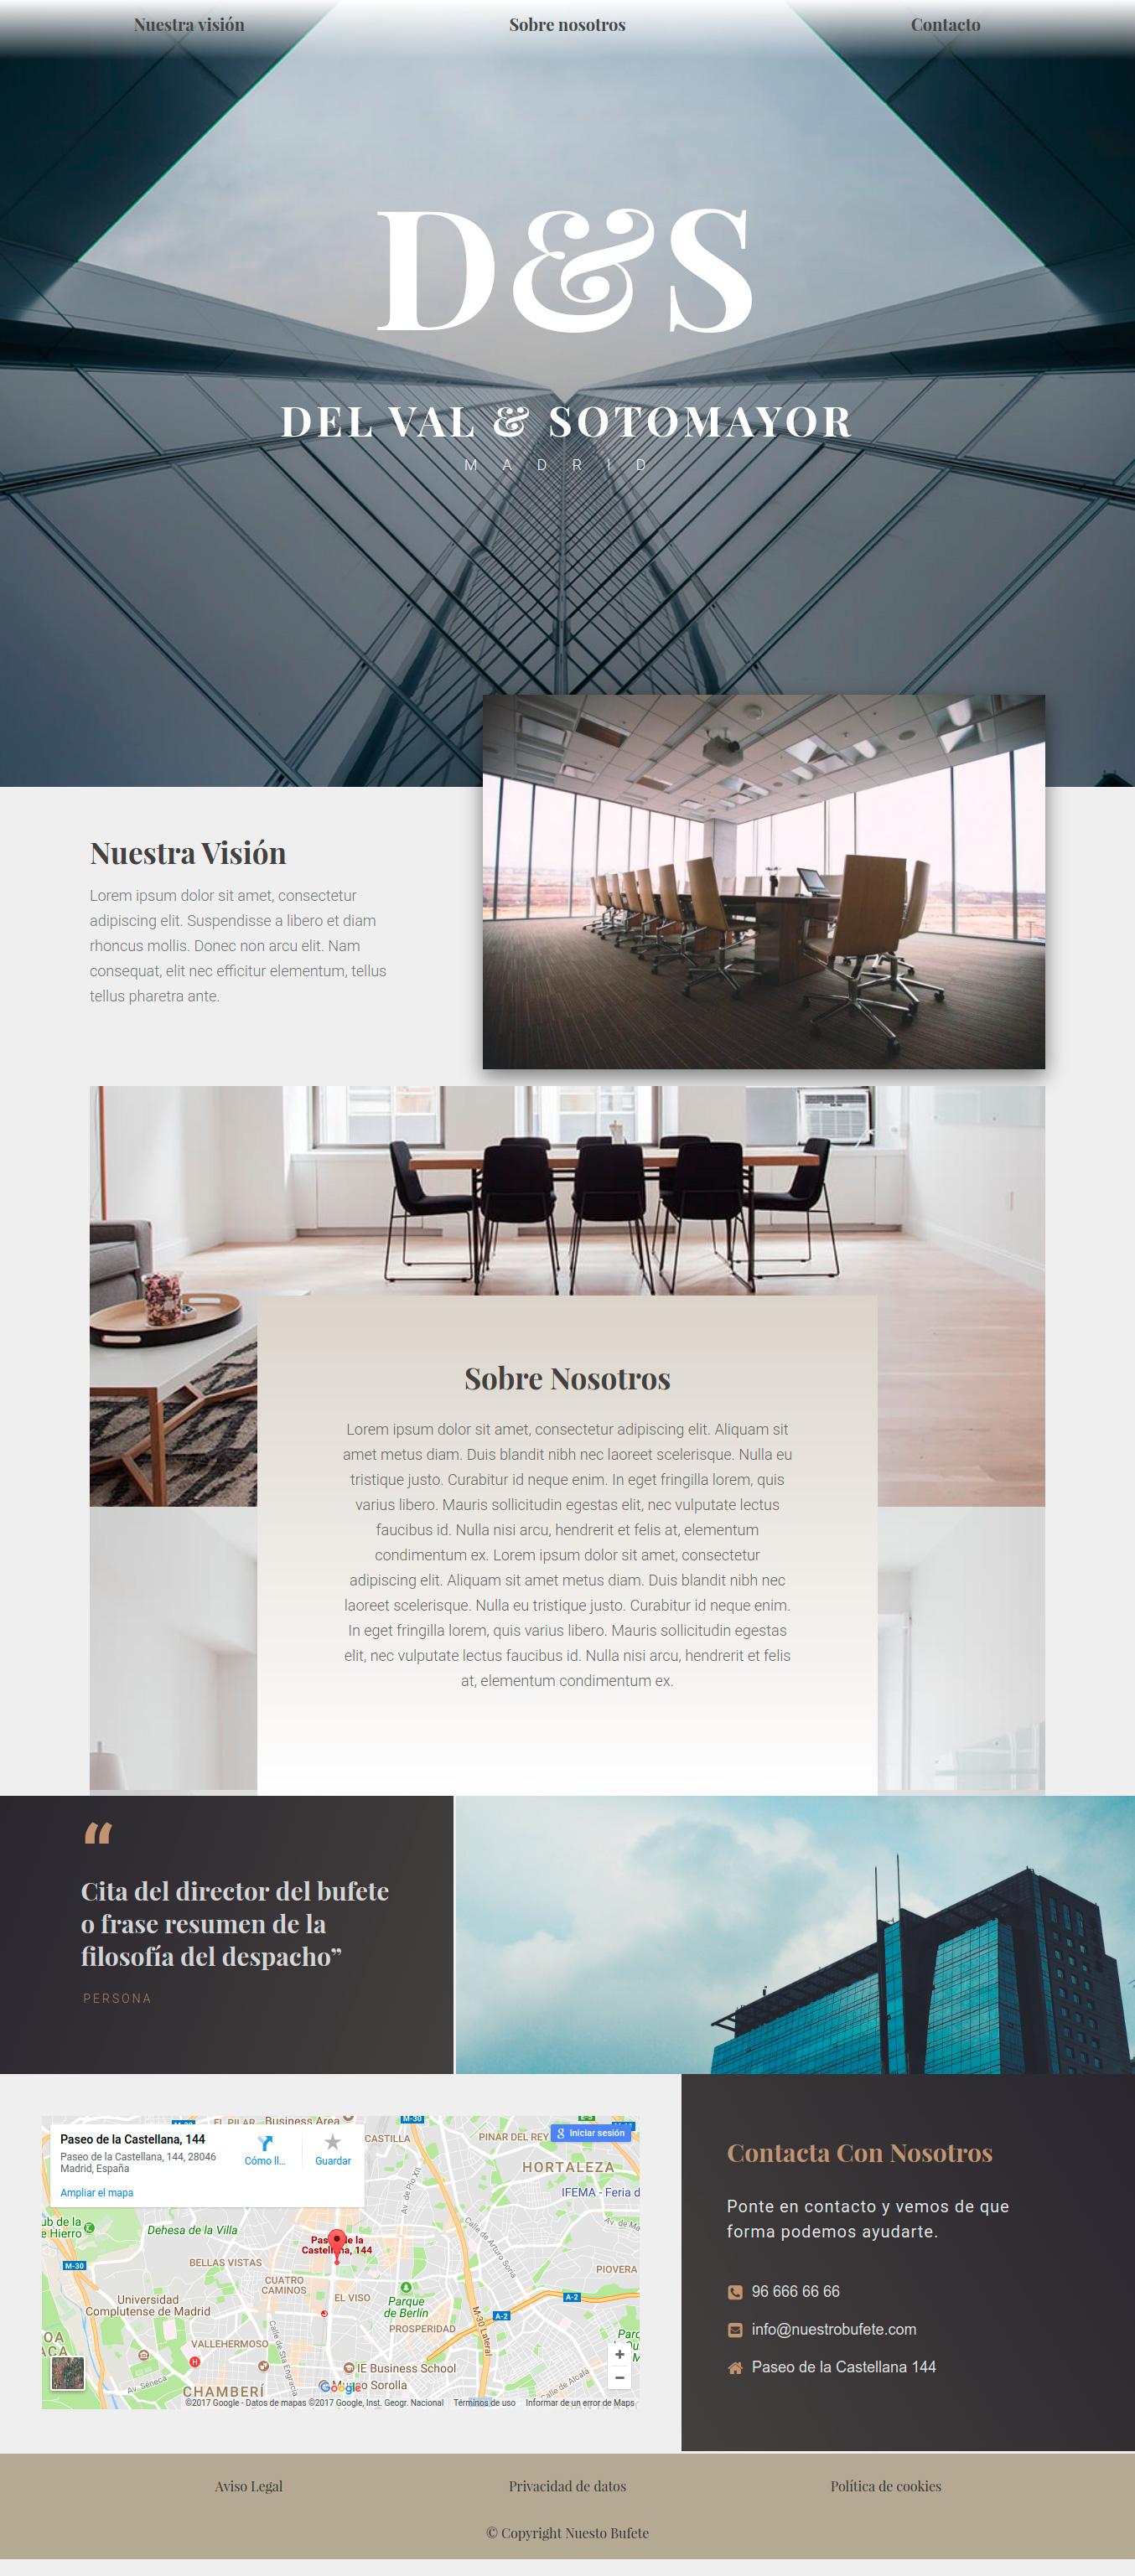 Despacho-de-abogados-onepage_modelo2_optimizada abogado.shop Web